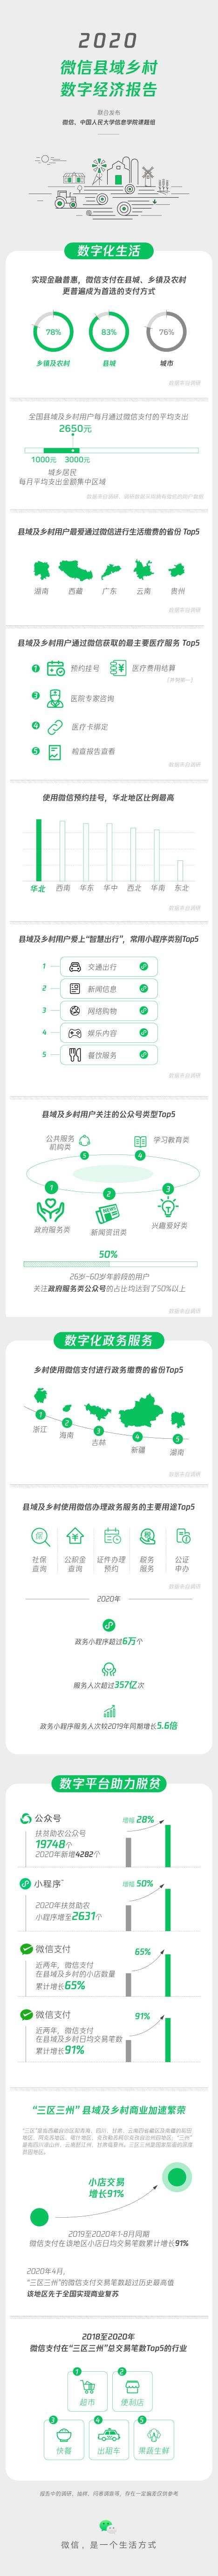 《2020微信县域乡村数字经济报告》:已有扶贫助农公众号近2万个,同比增幅28%